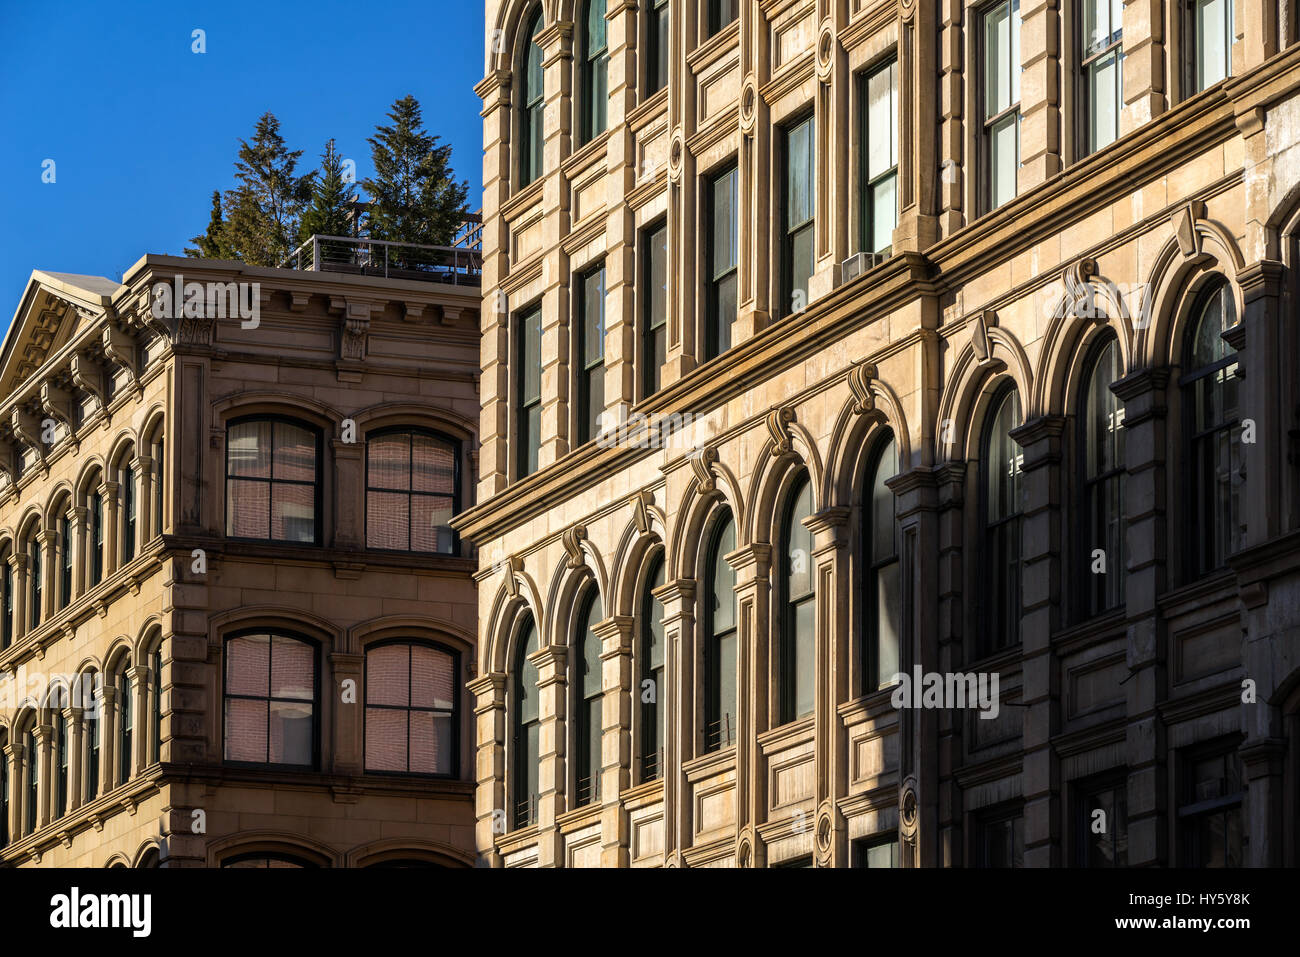 Typische Soho Gebäudefassaden mit Verzierungen und Terrassen, Manhattan, New York City Stockbild